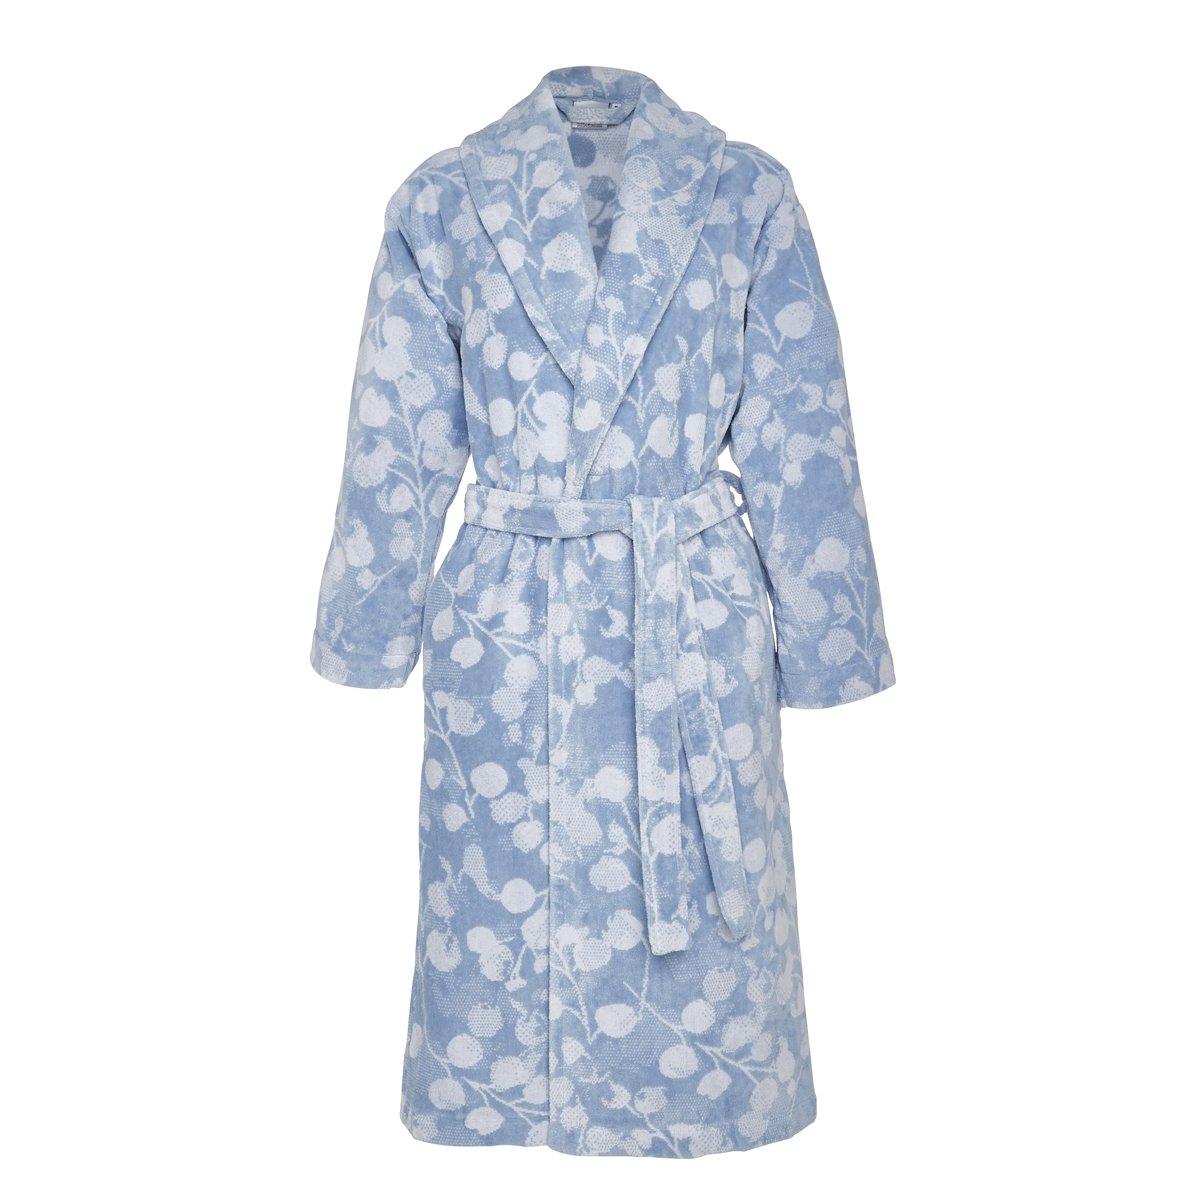 Peignoir coton s bleu clair